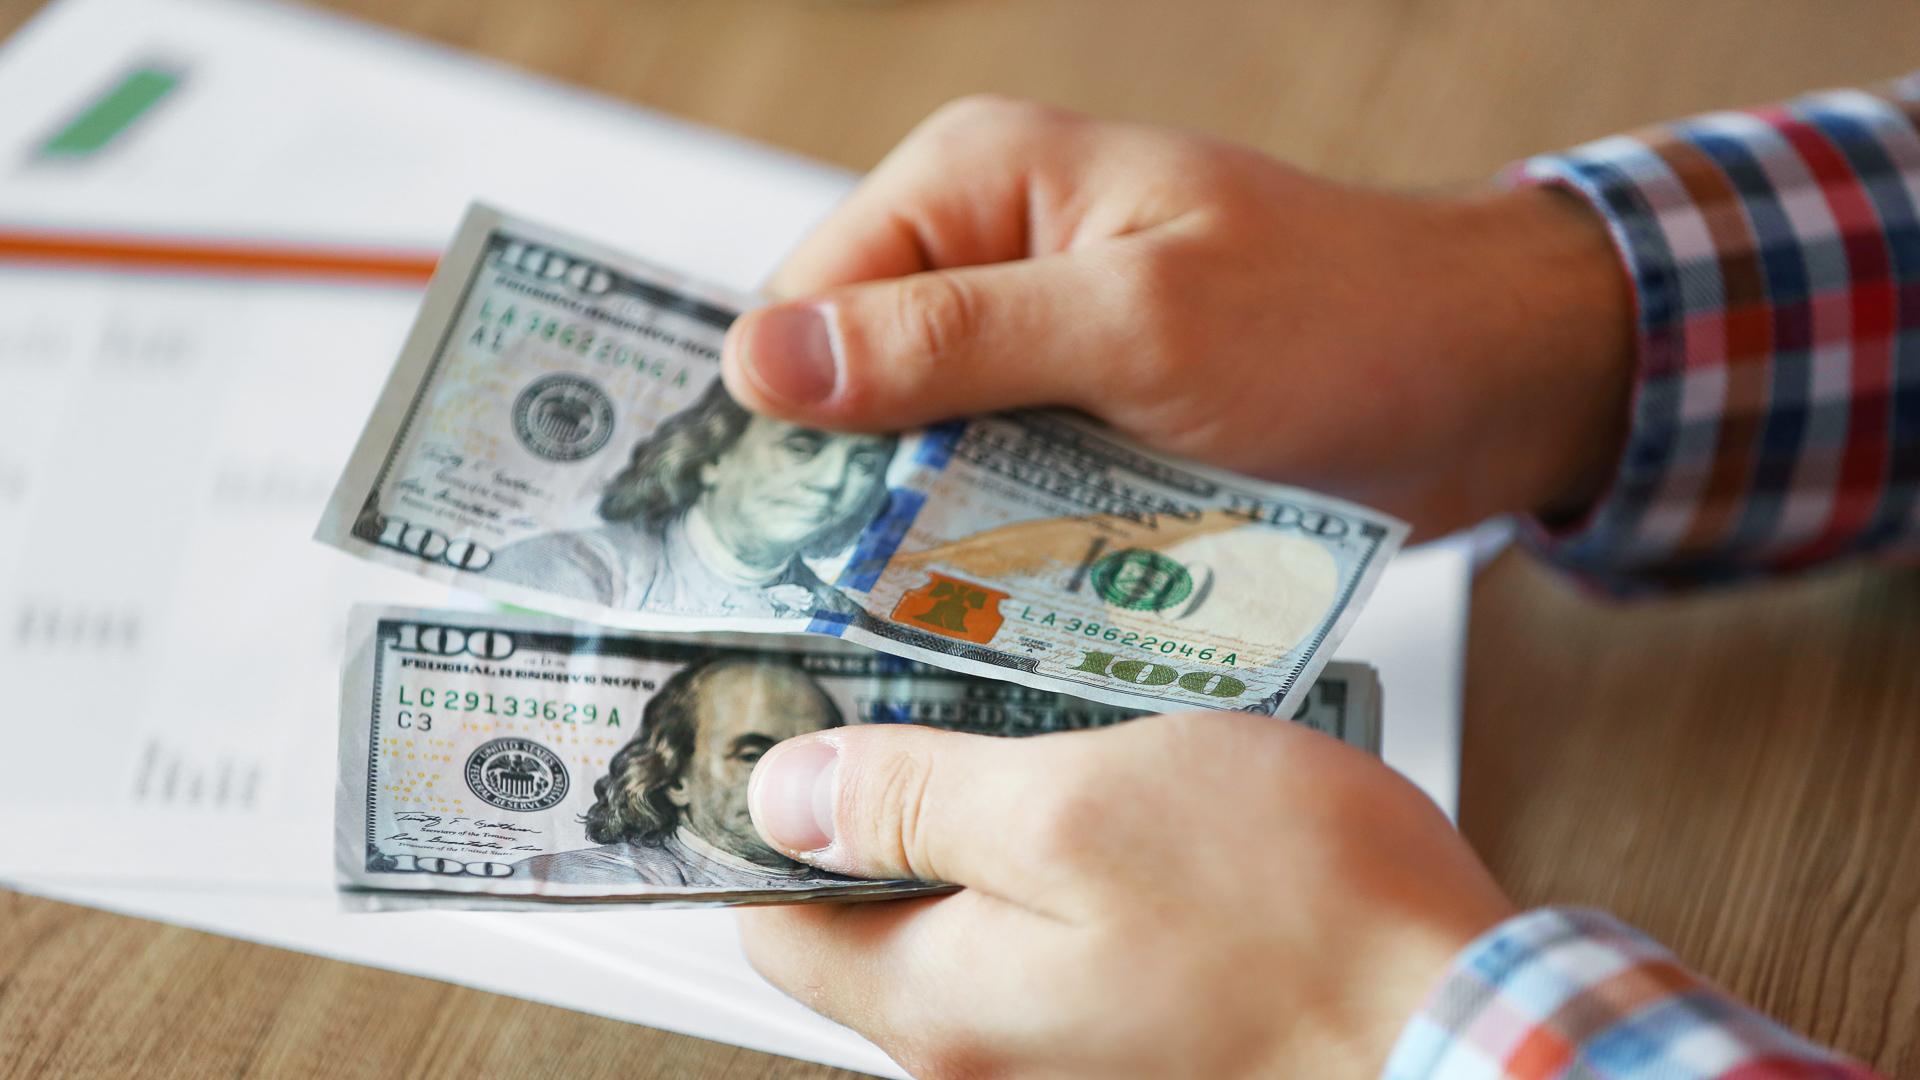 Cash loans barclays image 10